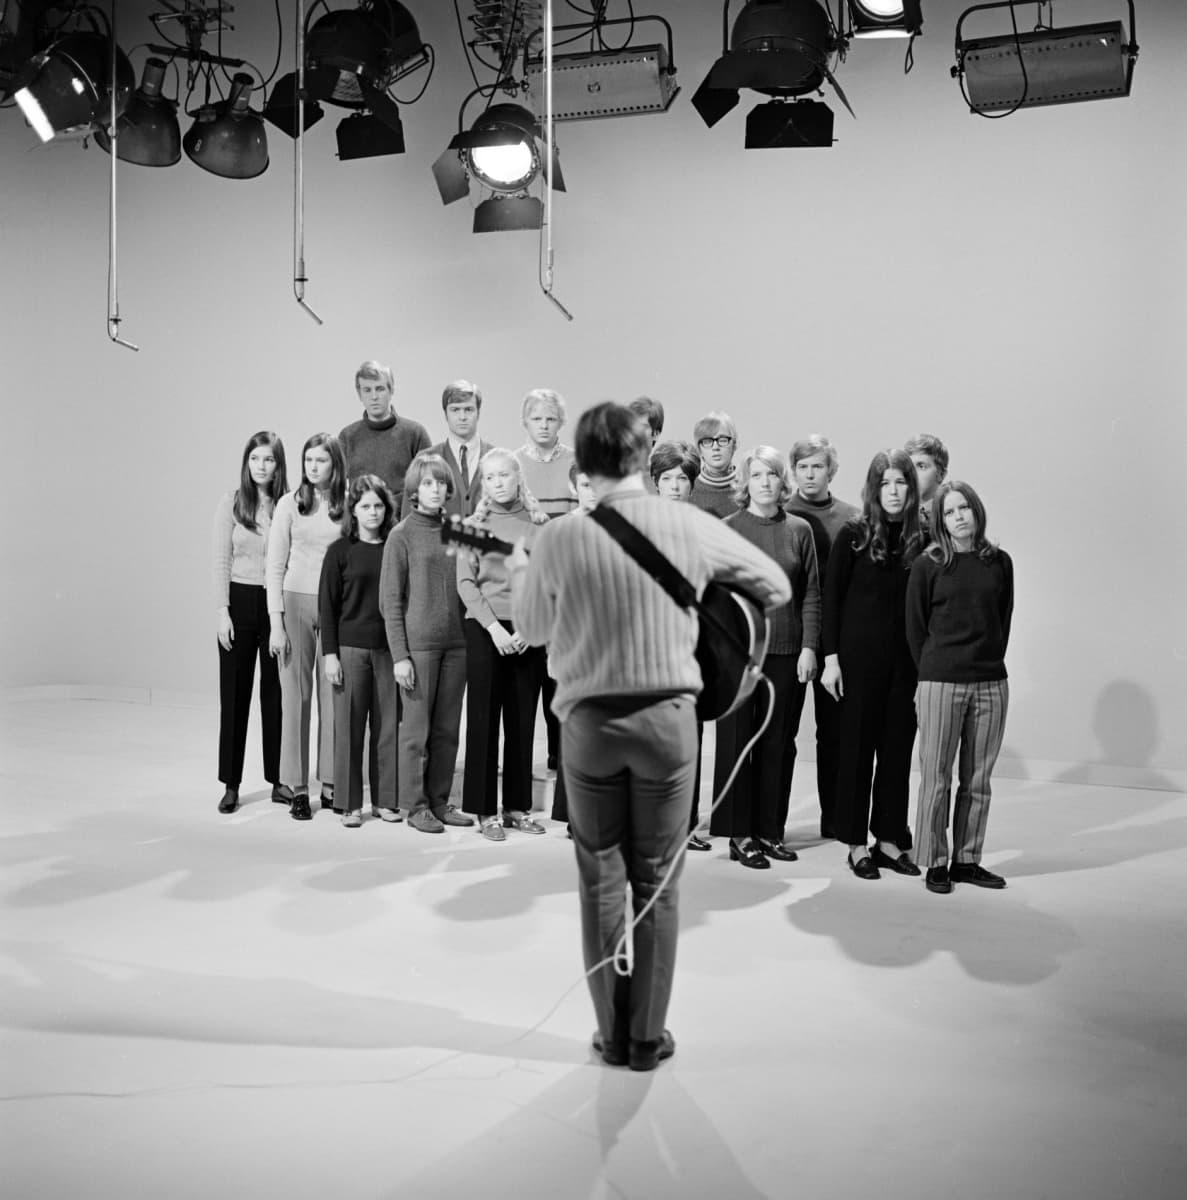 """Yleisradion televisio-ohjelma """"Popmessu. Pop-messu"""". Timo Ruottinen (kitara) ja 17-henkinen seurakuntanuorista koottu kuoro."""